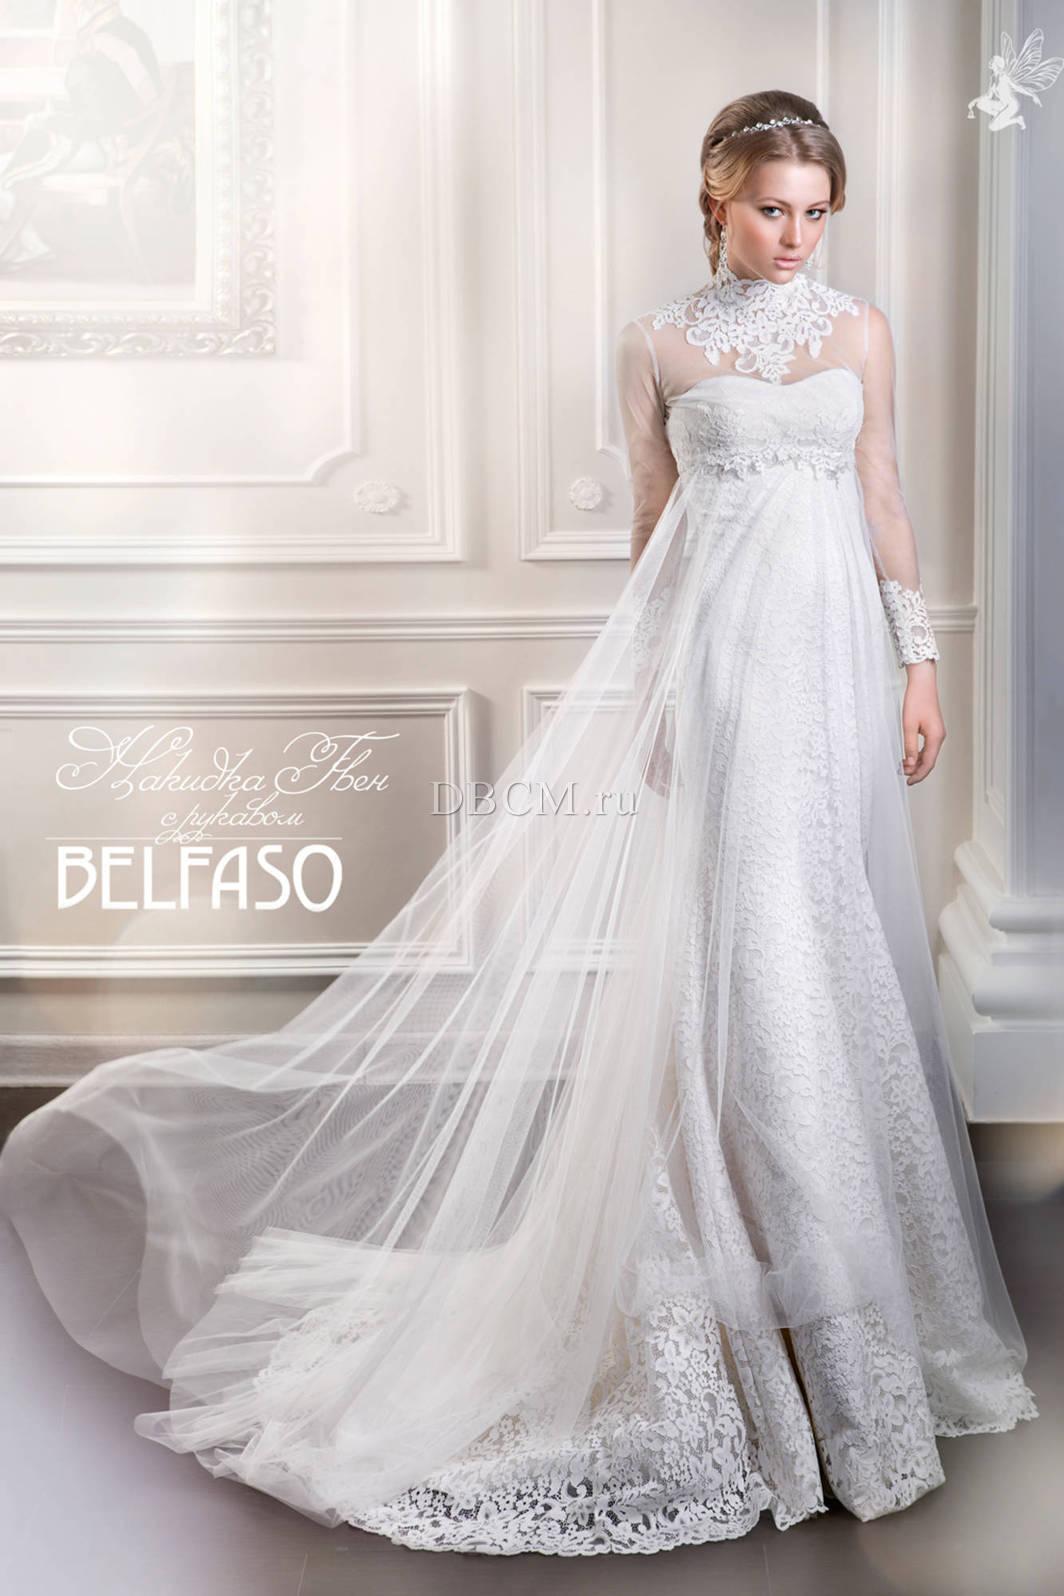 8(919)104-31-79  /  / salon-sofi.ru// 8(985)134-27-96. Свадебные платья Главная / Свадебные платья; Vivien подробнее